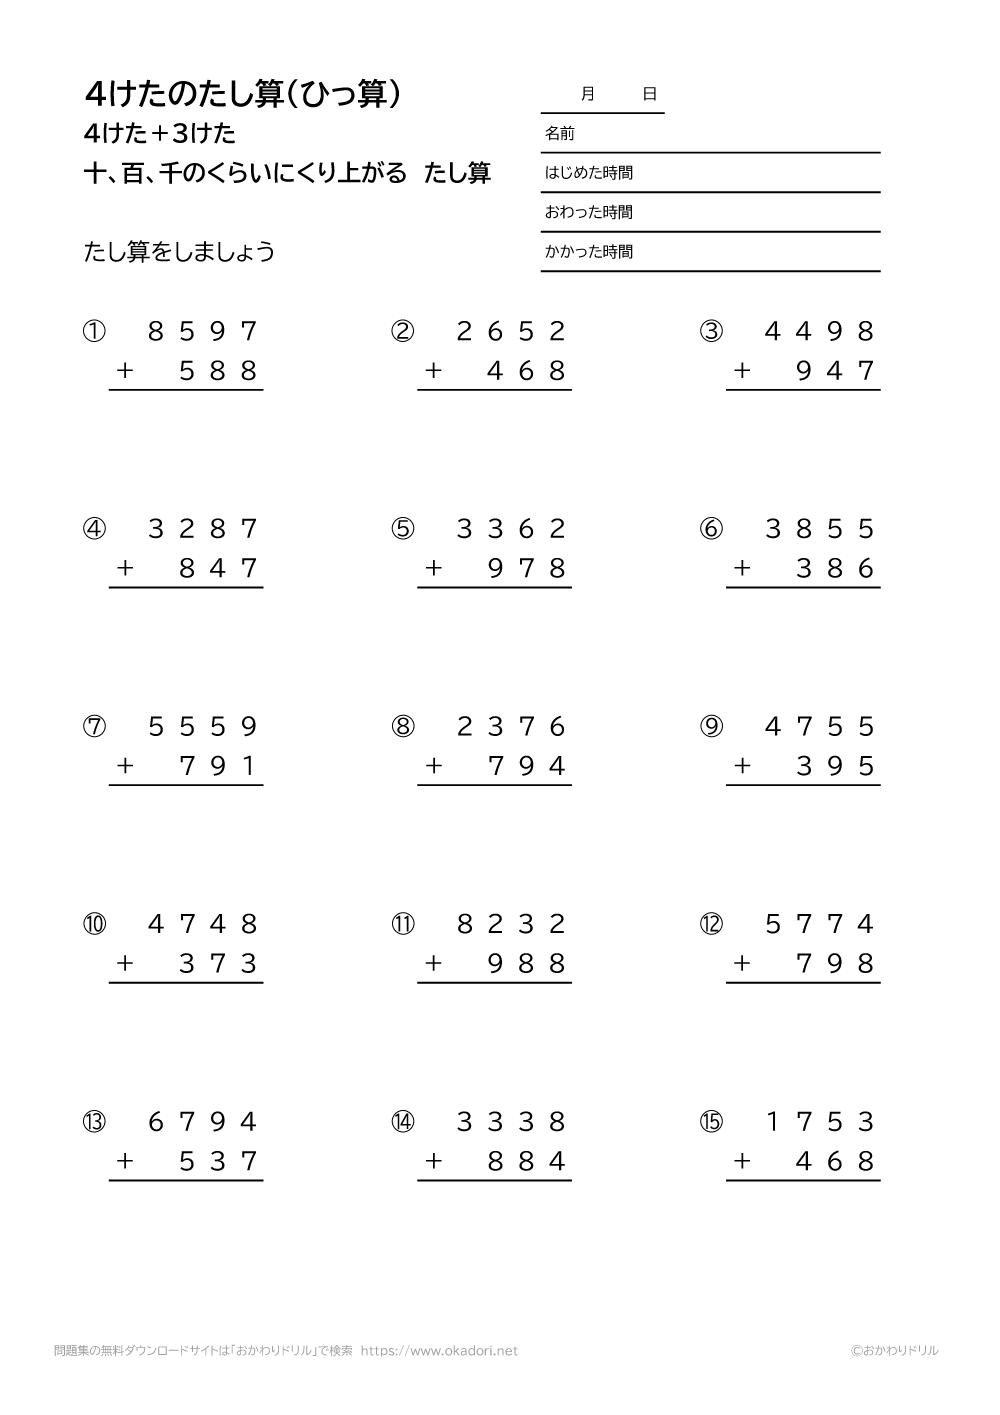 4桁+3桁の十、百、千の位に繰り上がる足し算の筆算6